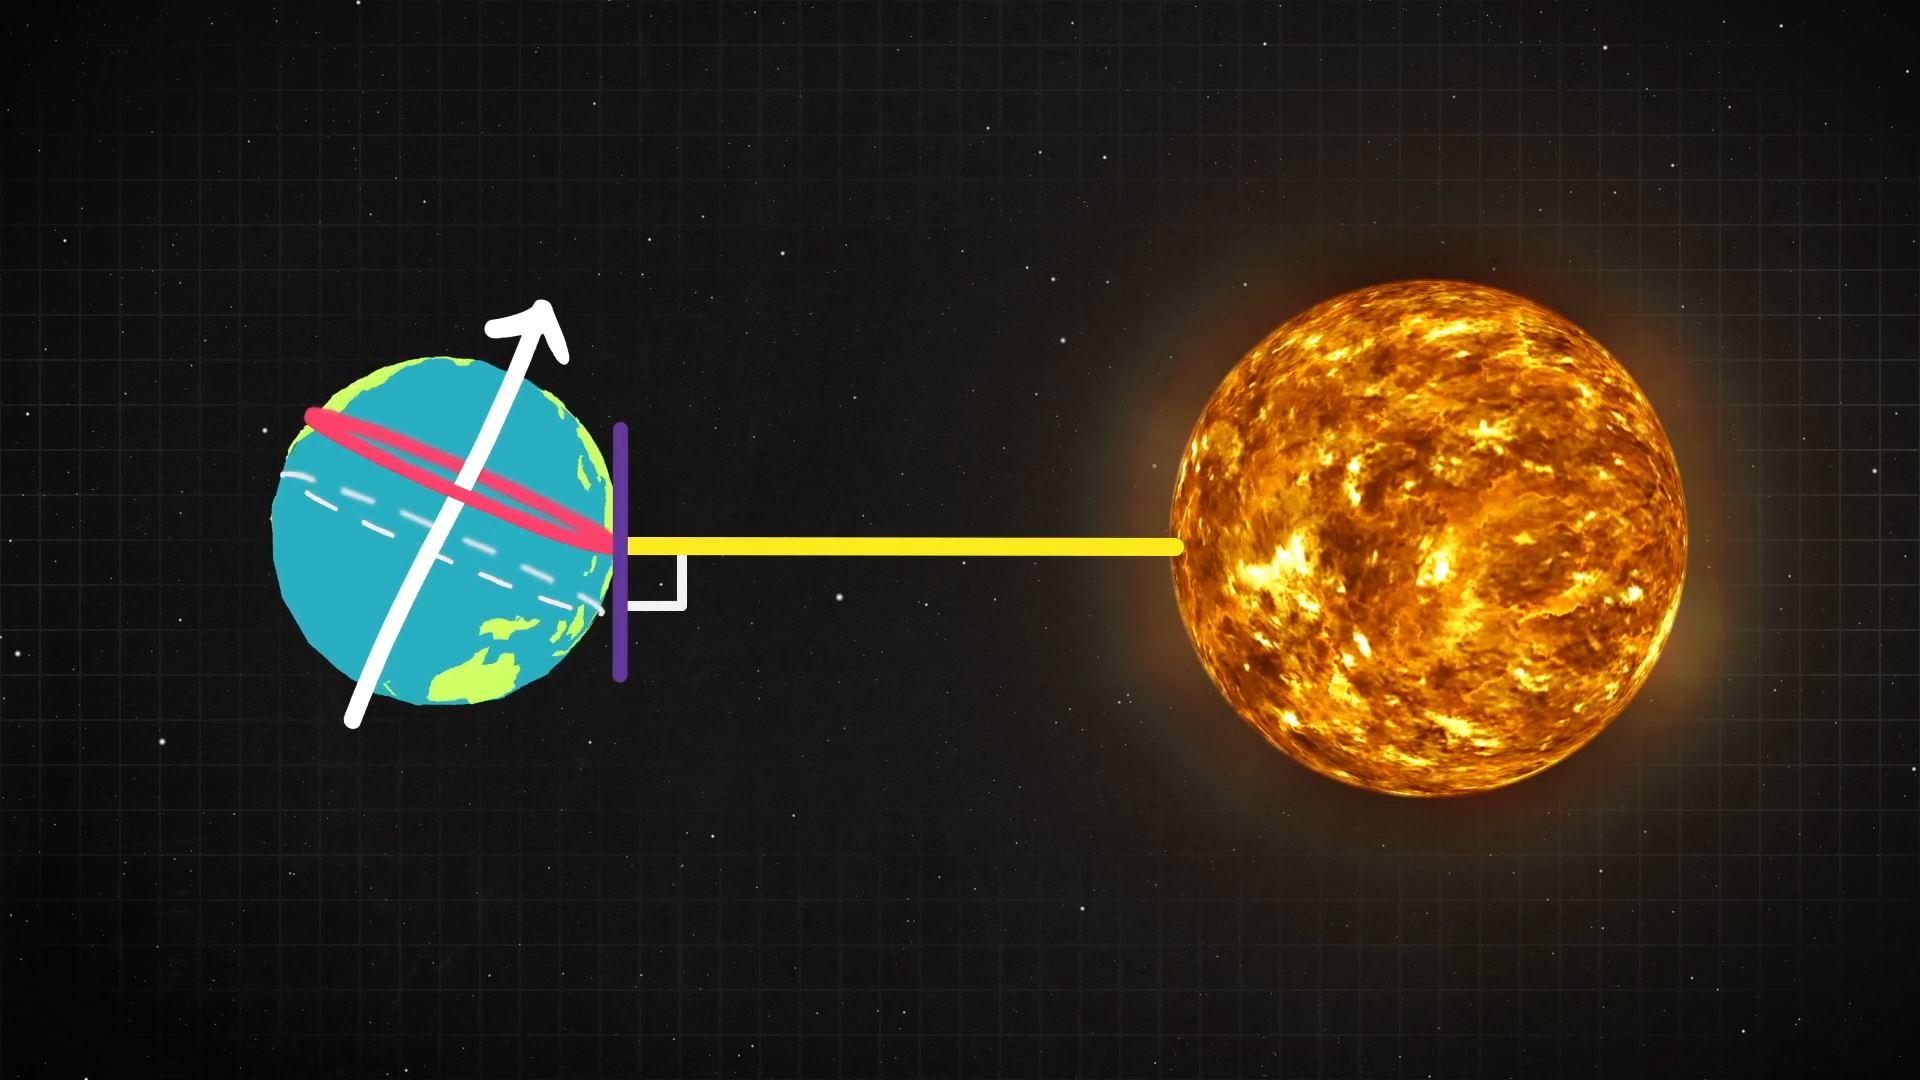 Тень - это что такое? значение, примеры и толкование